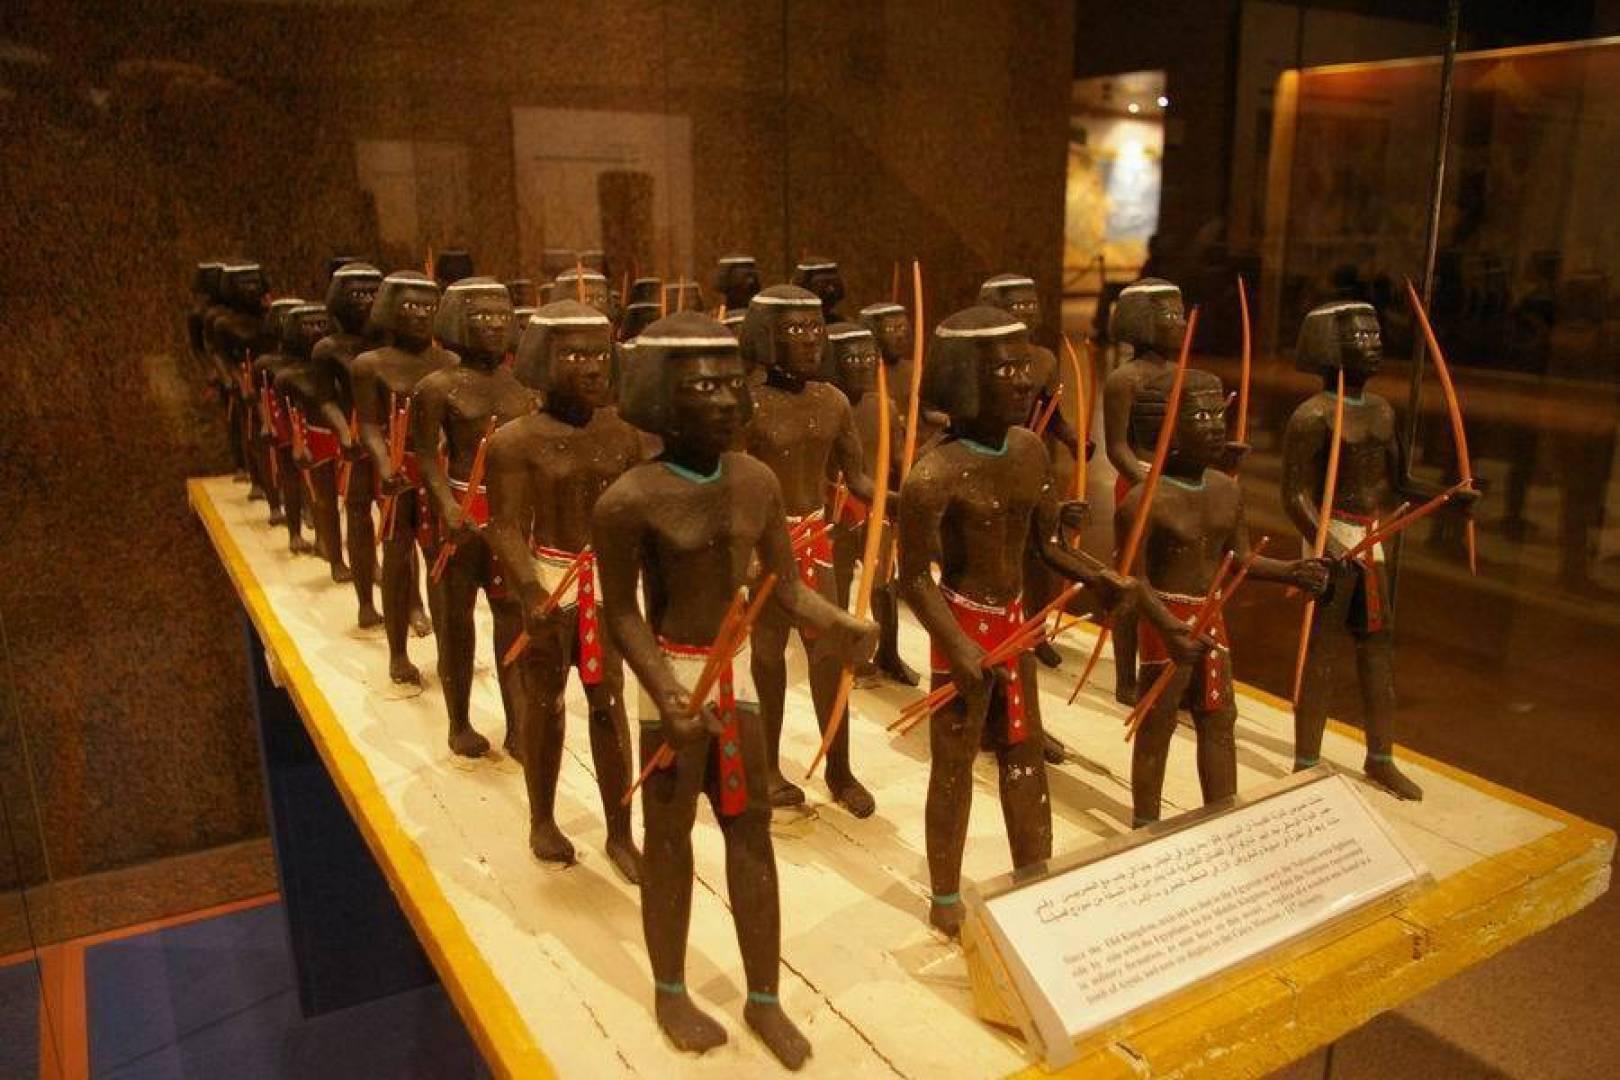 المتحف الزراعى دليل ابيض السياحى